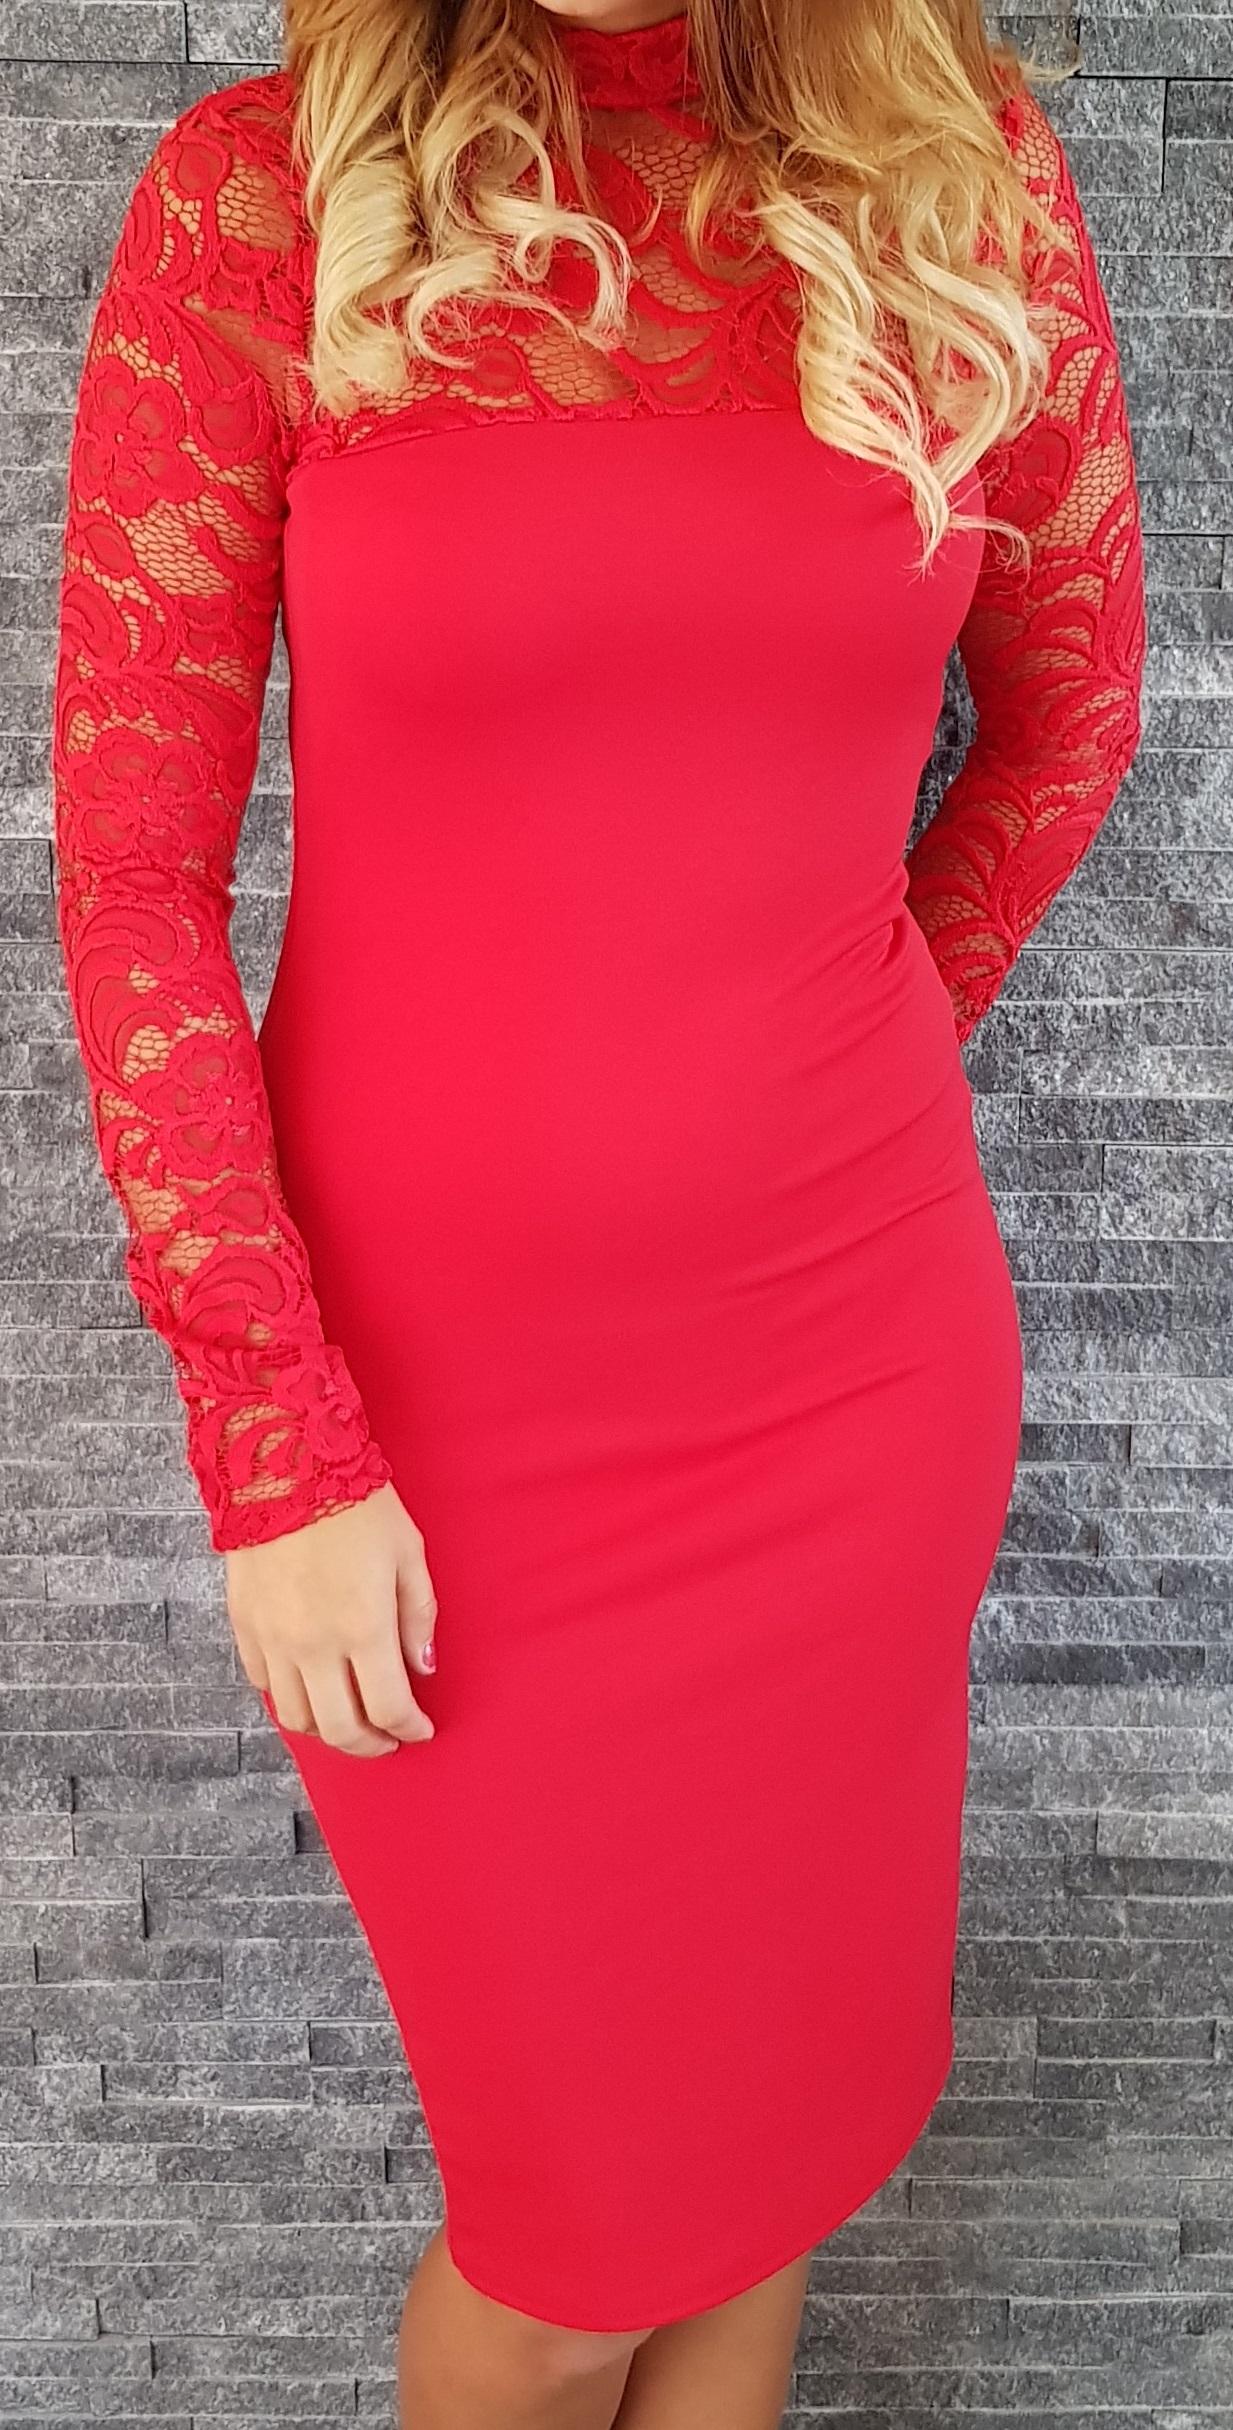 73c9a71bf462 Červené čipkované šaty Popoluška